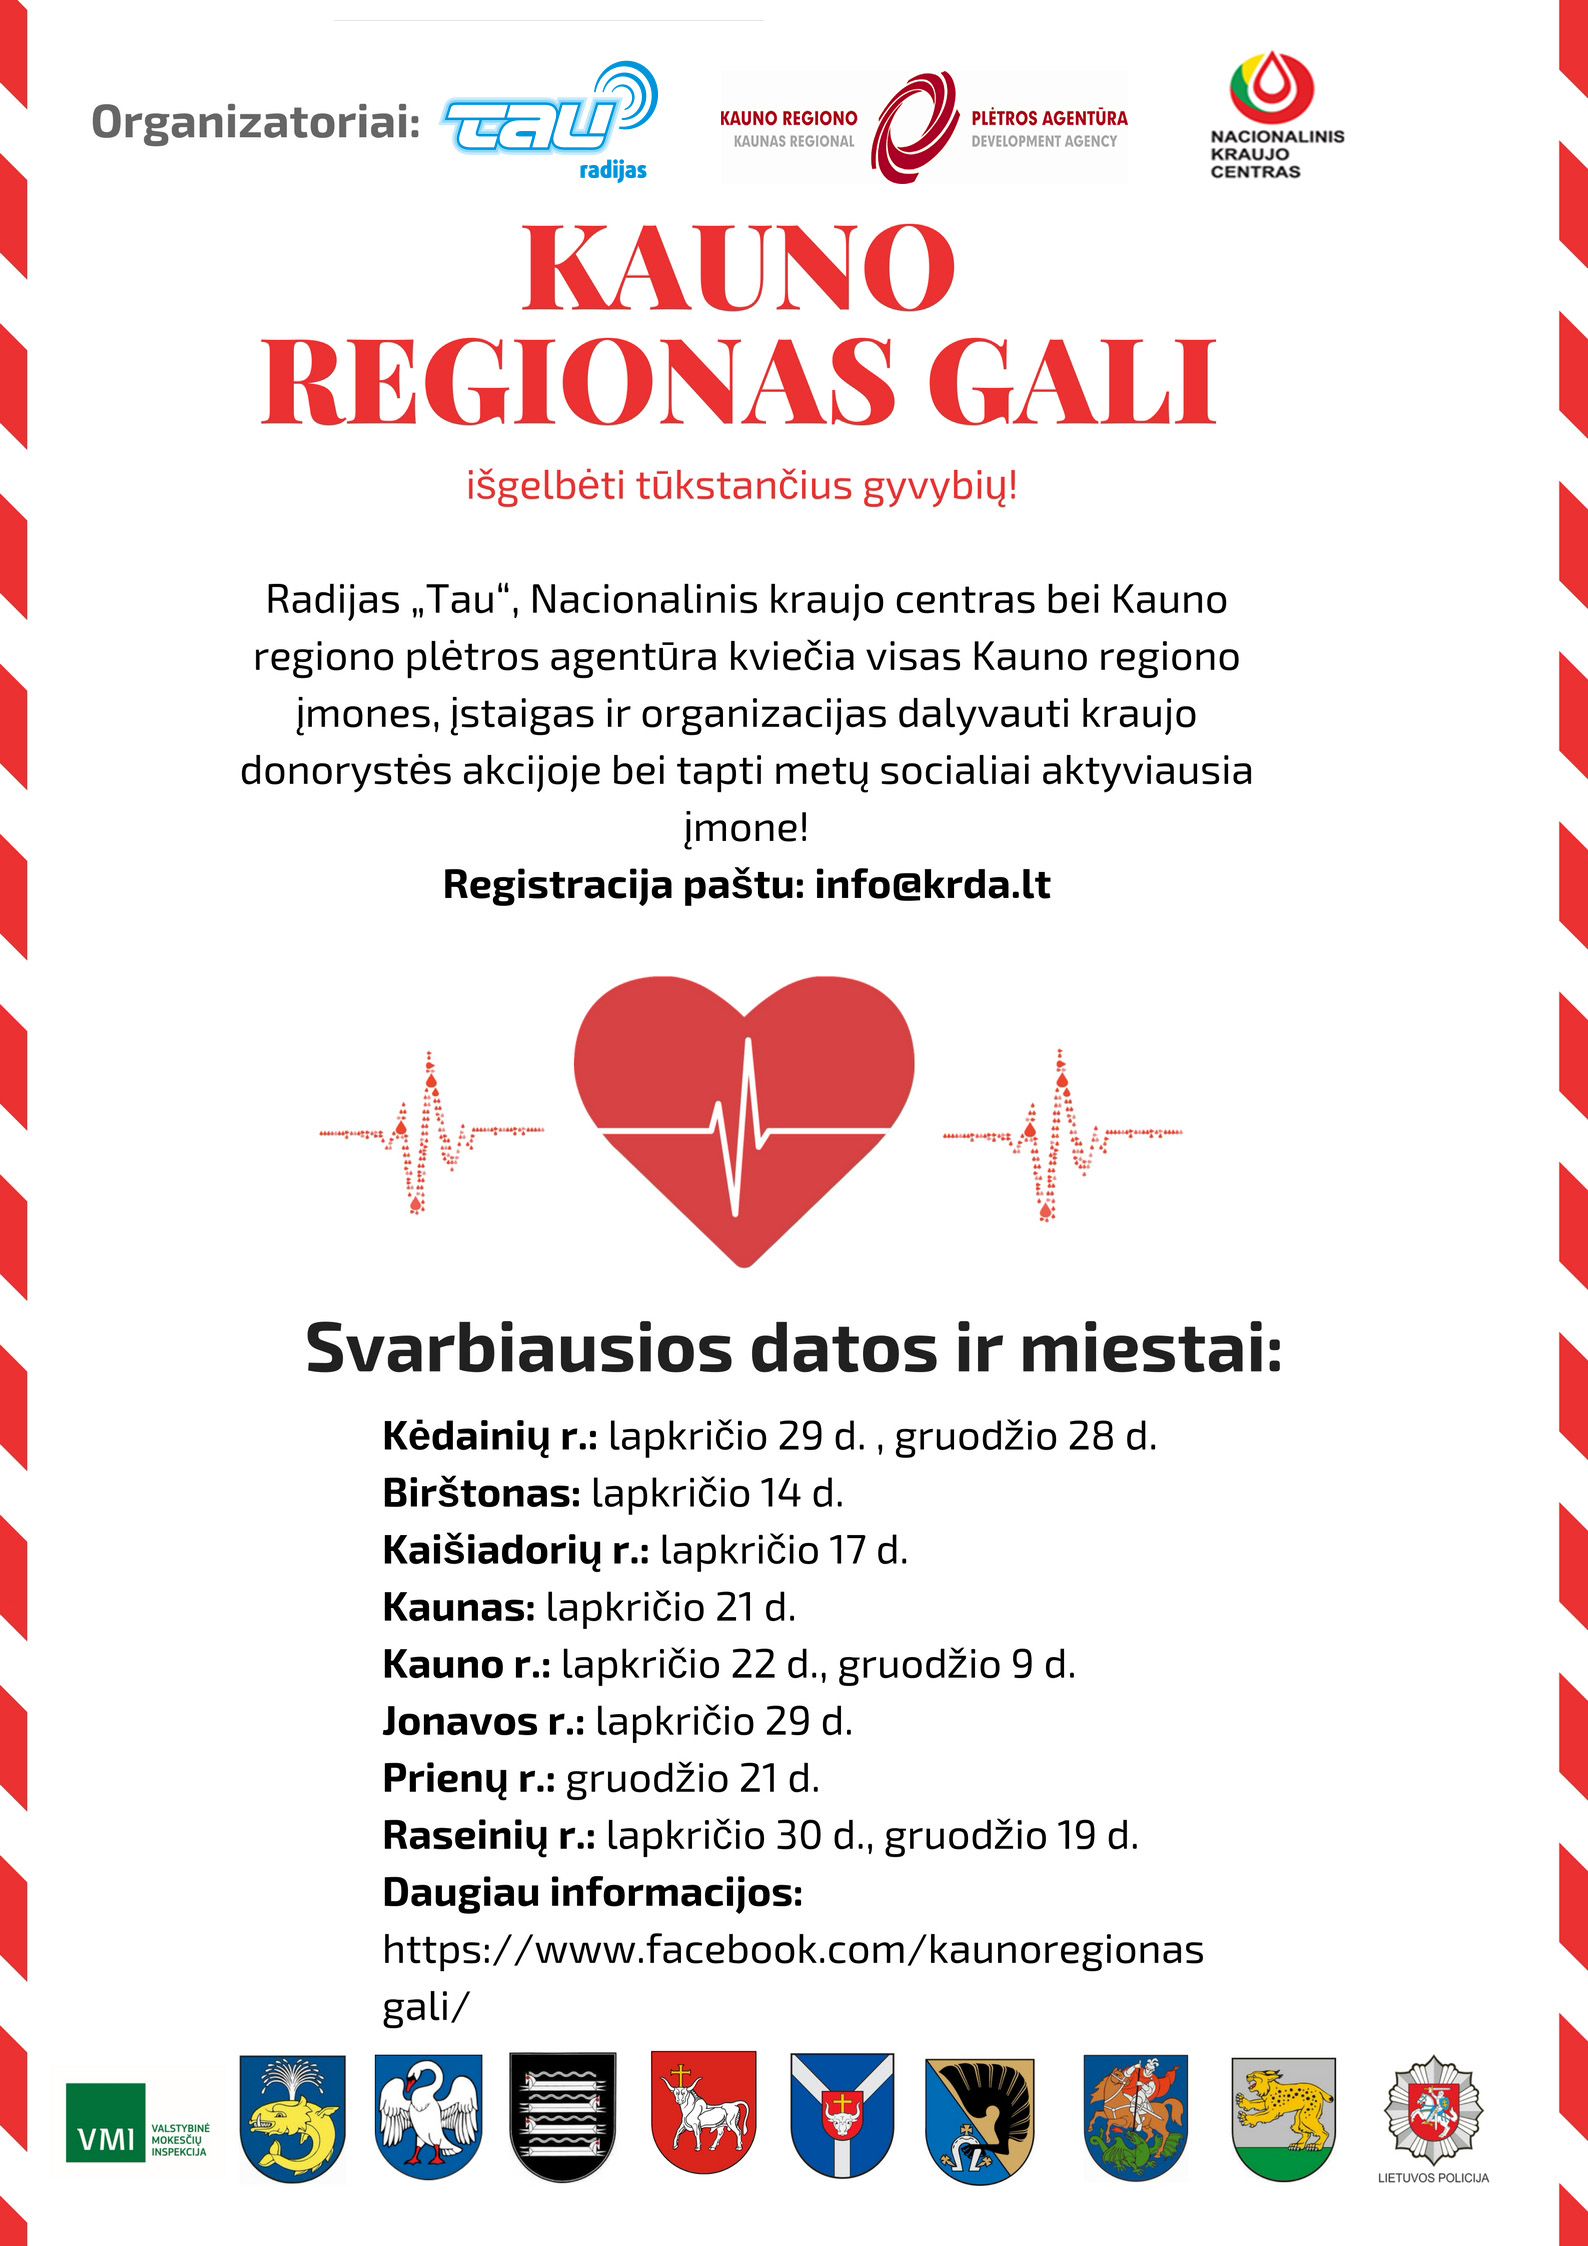 Kraujo donorystės akcija KAUNO REGIONAS GALI!  Paaukok kraujo – tapk socialiai atsakinga įmone!